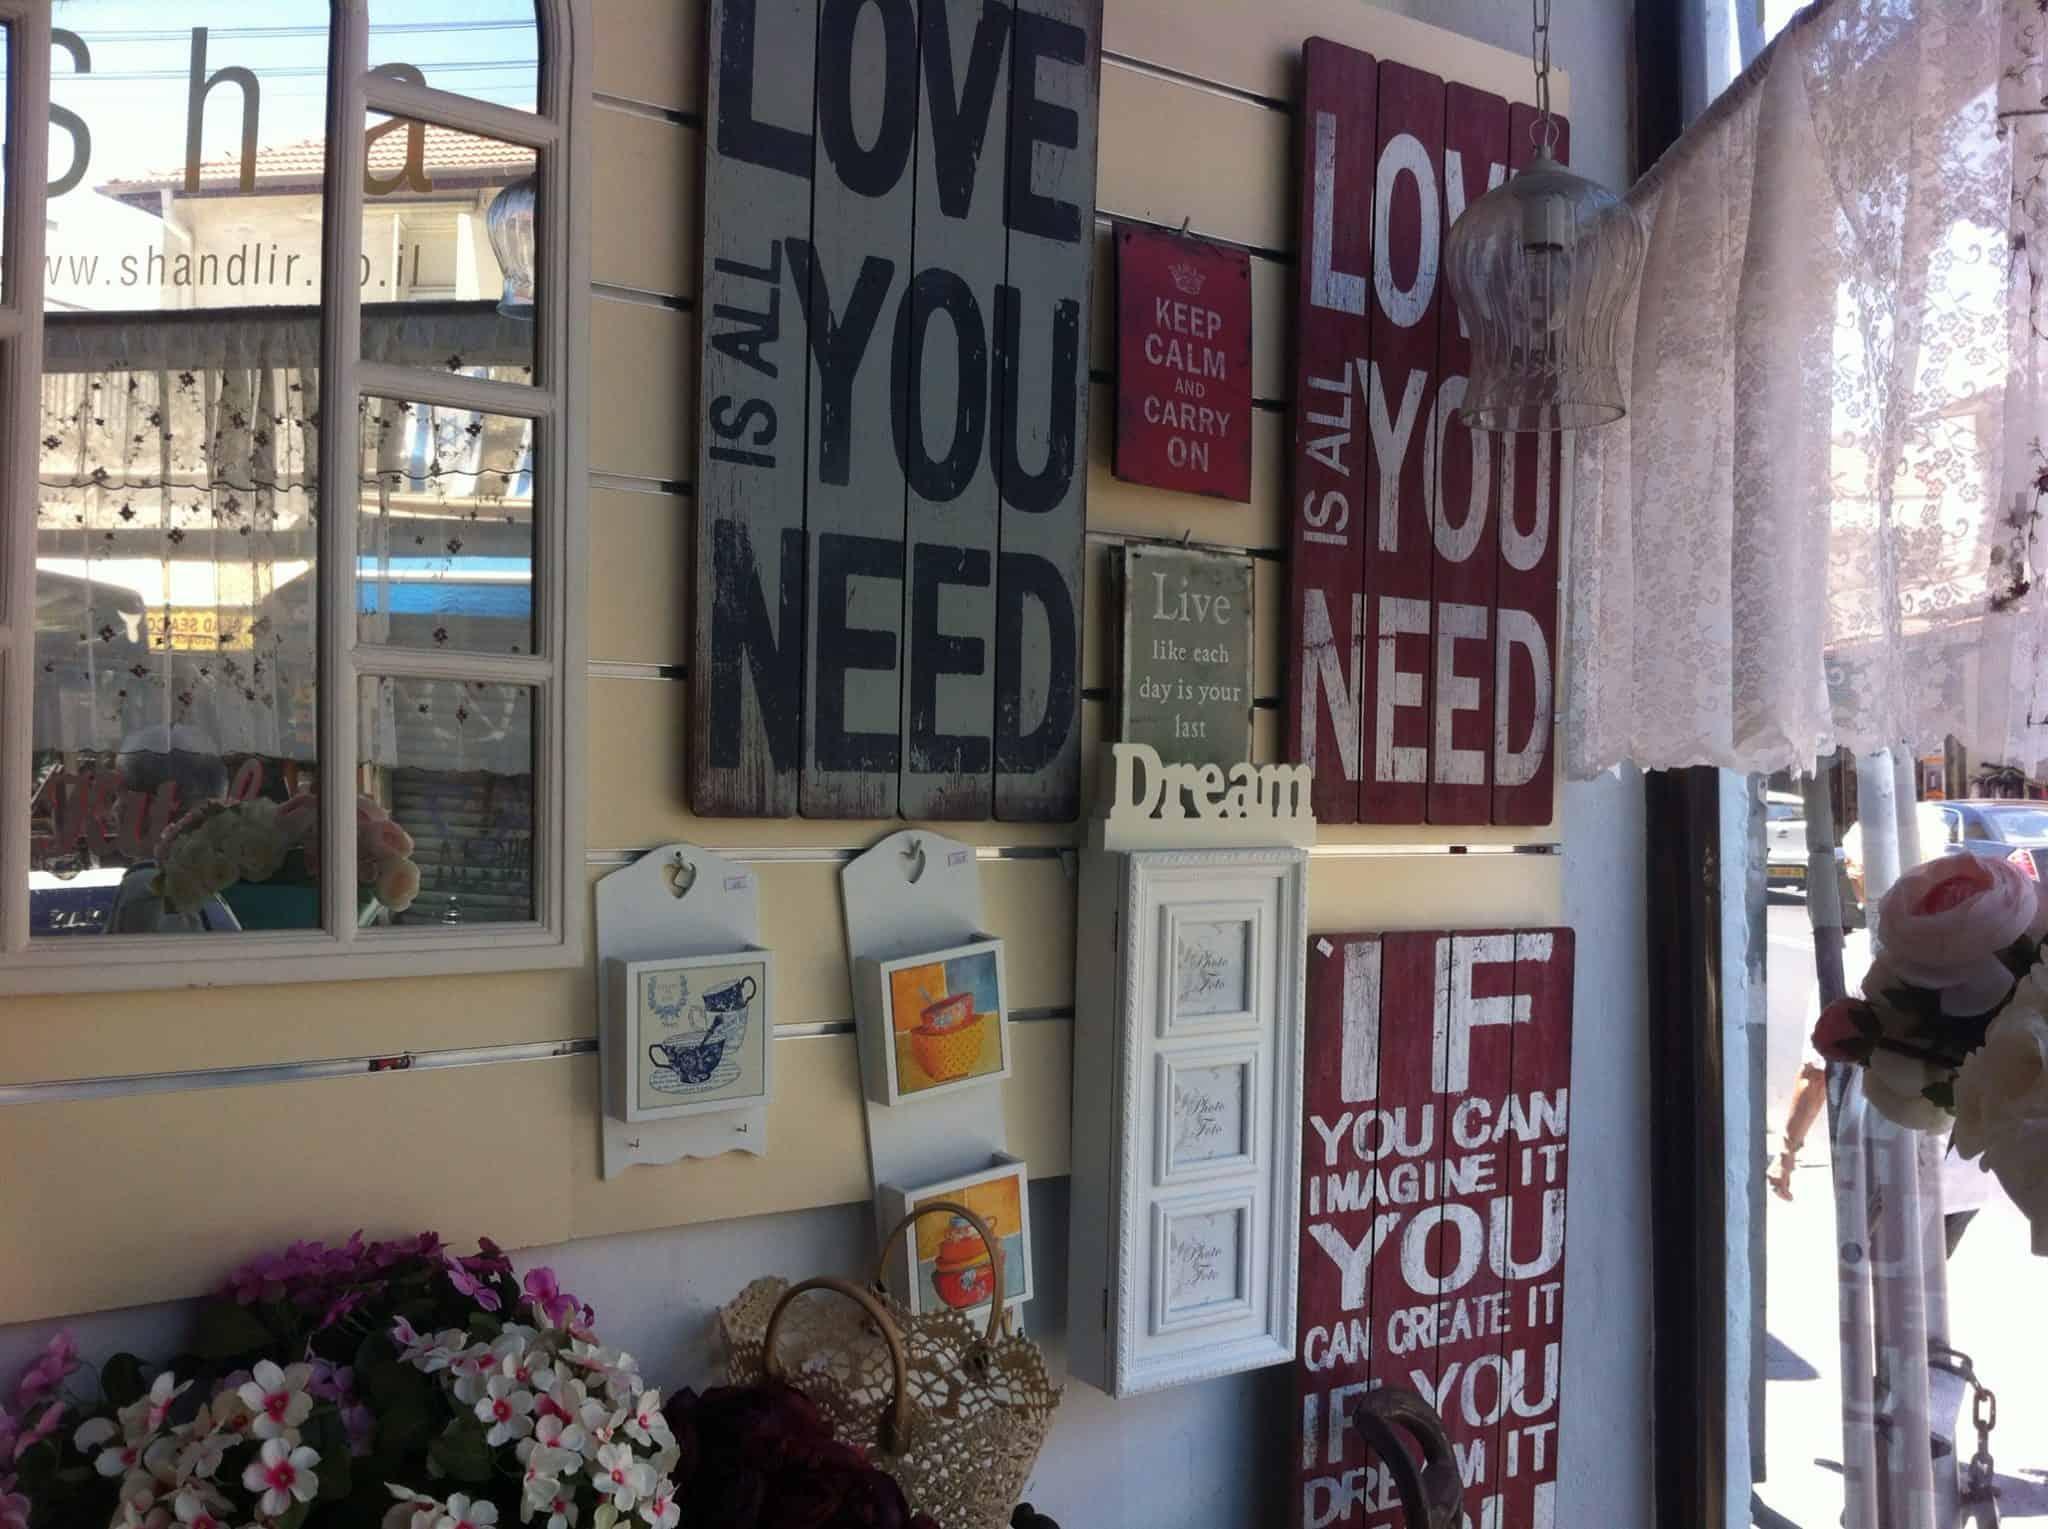 חנות עיצוב מיני רבות בישראל. צילום: מיה קליין